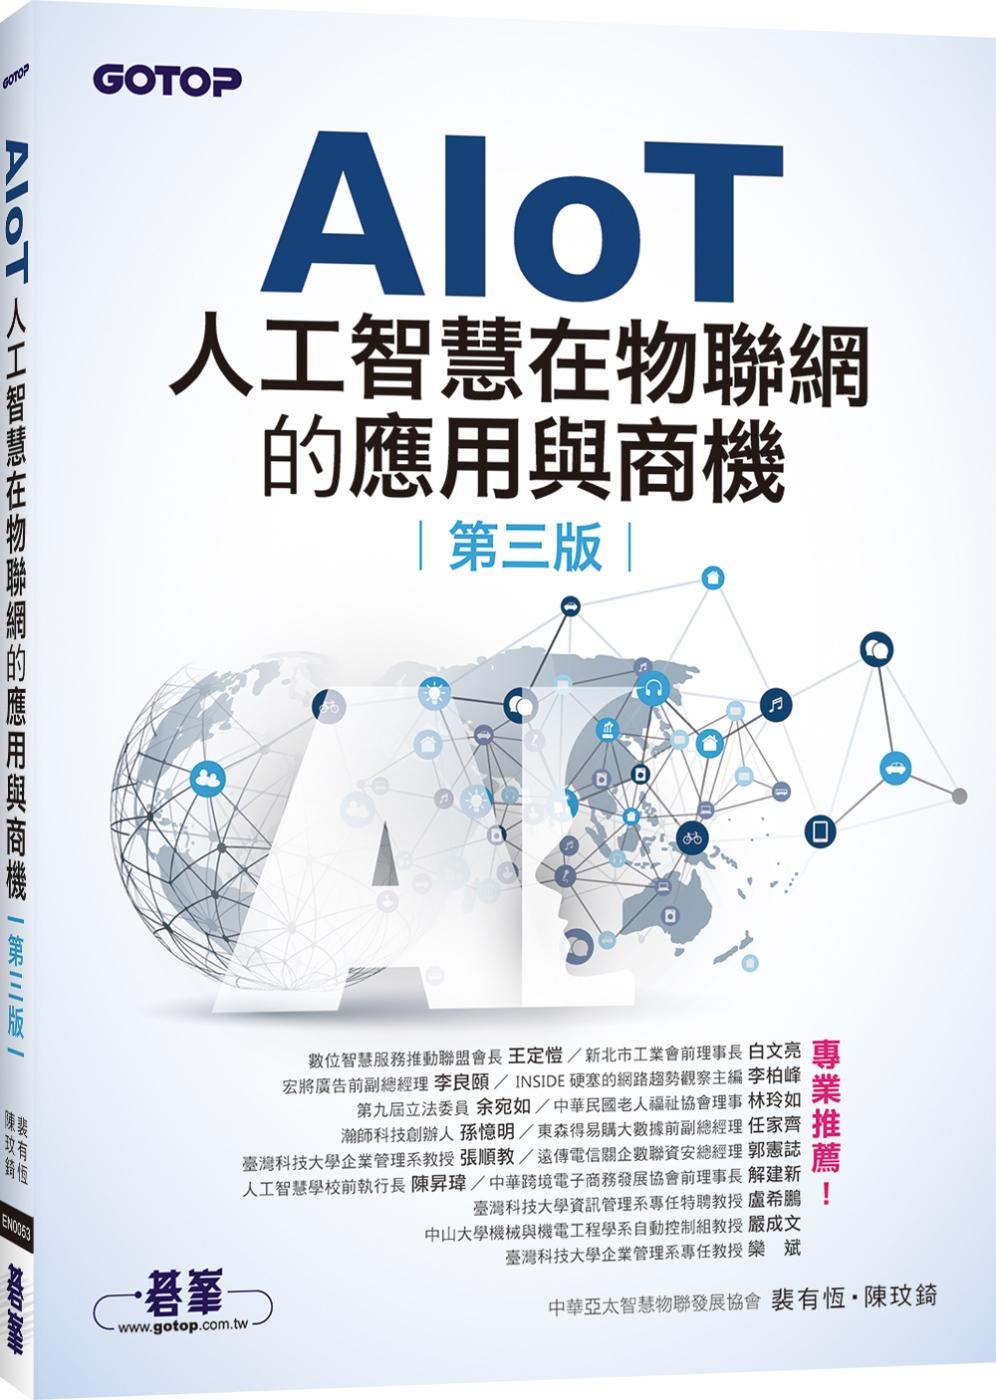 AIoT人工智慧在物聯網的應用...